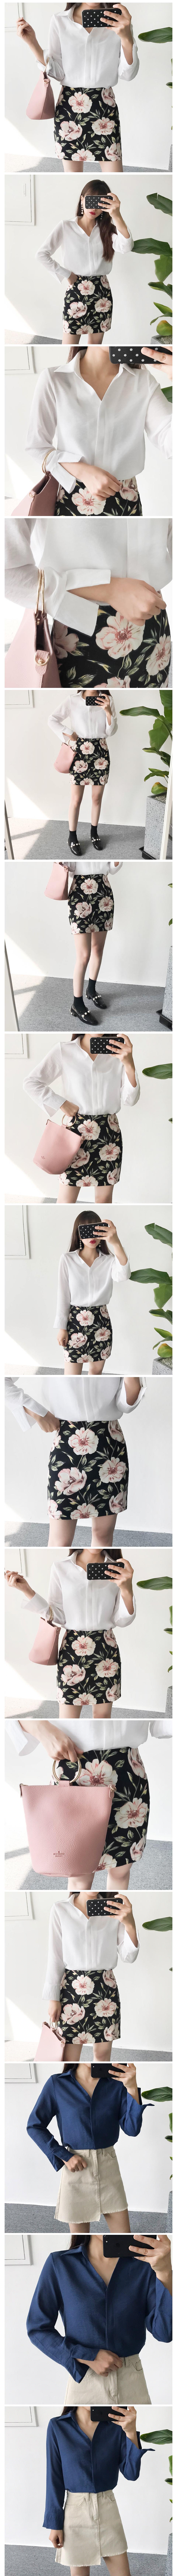 Monet blouse